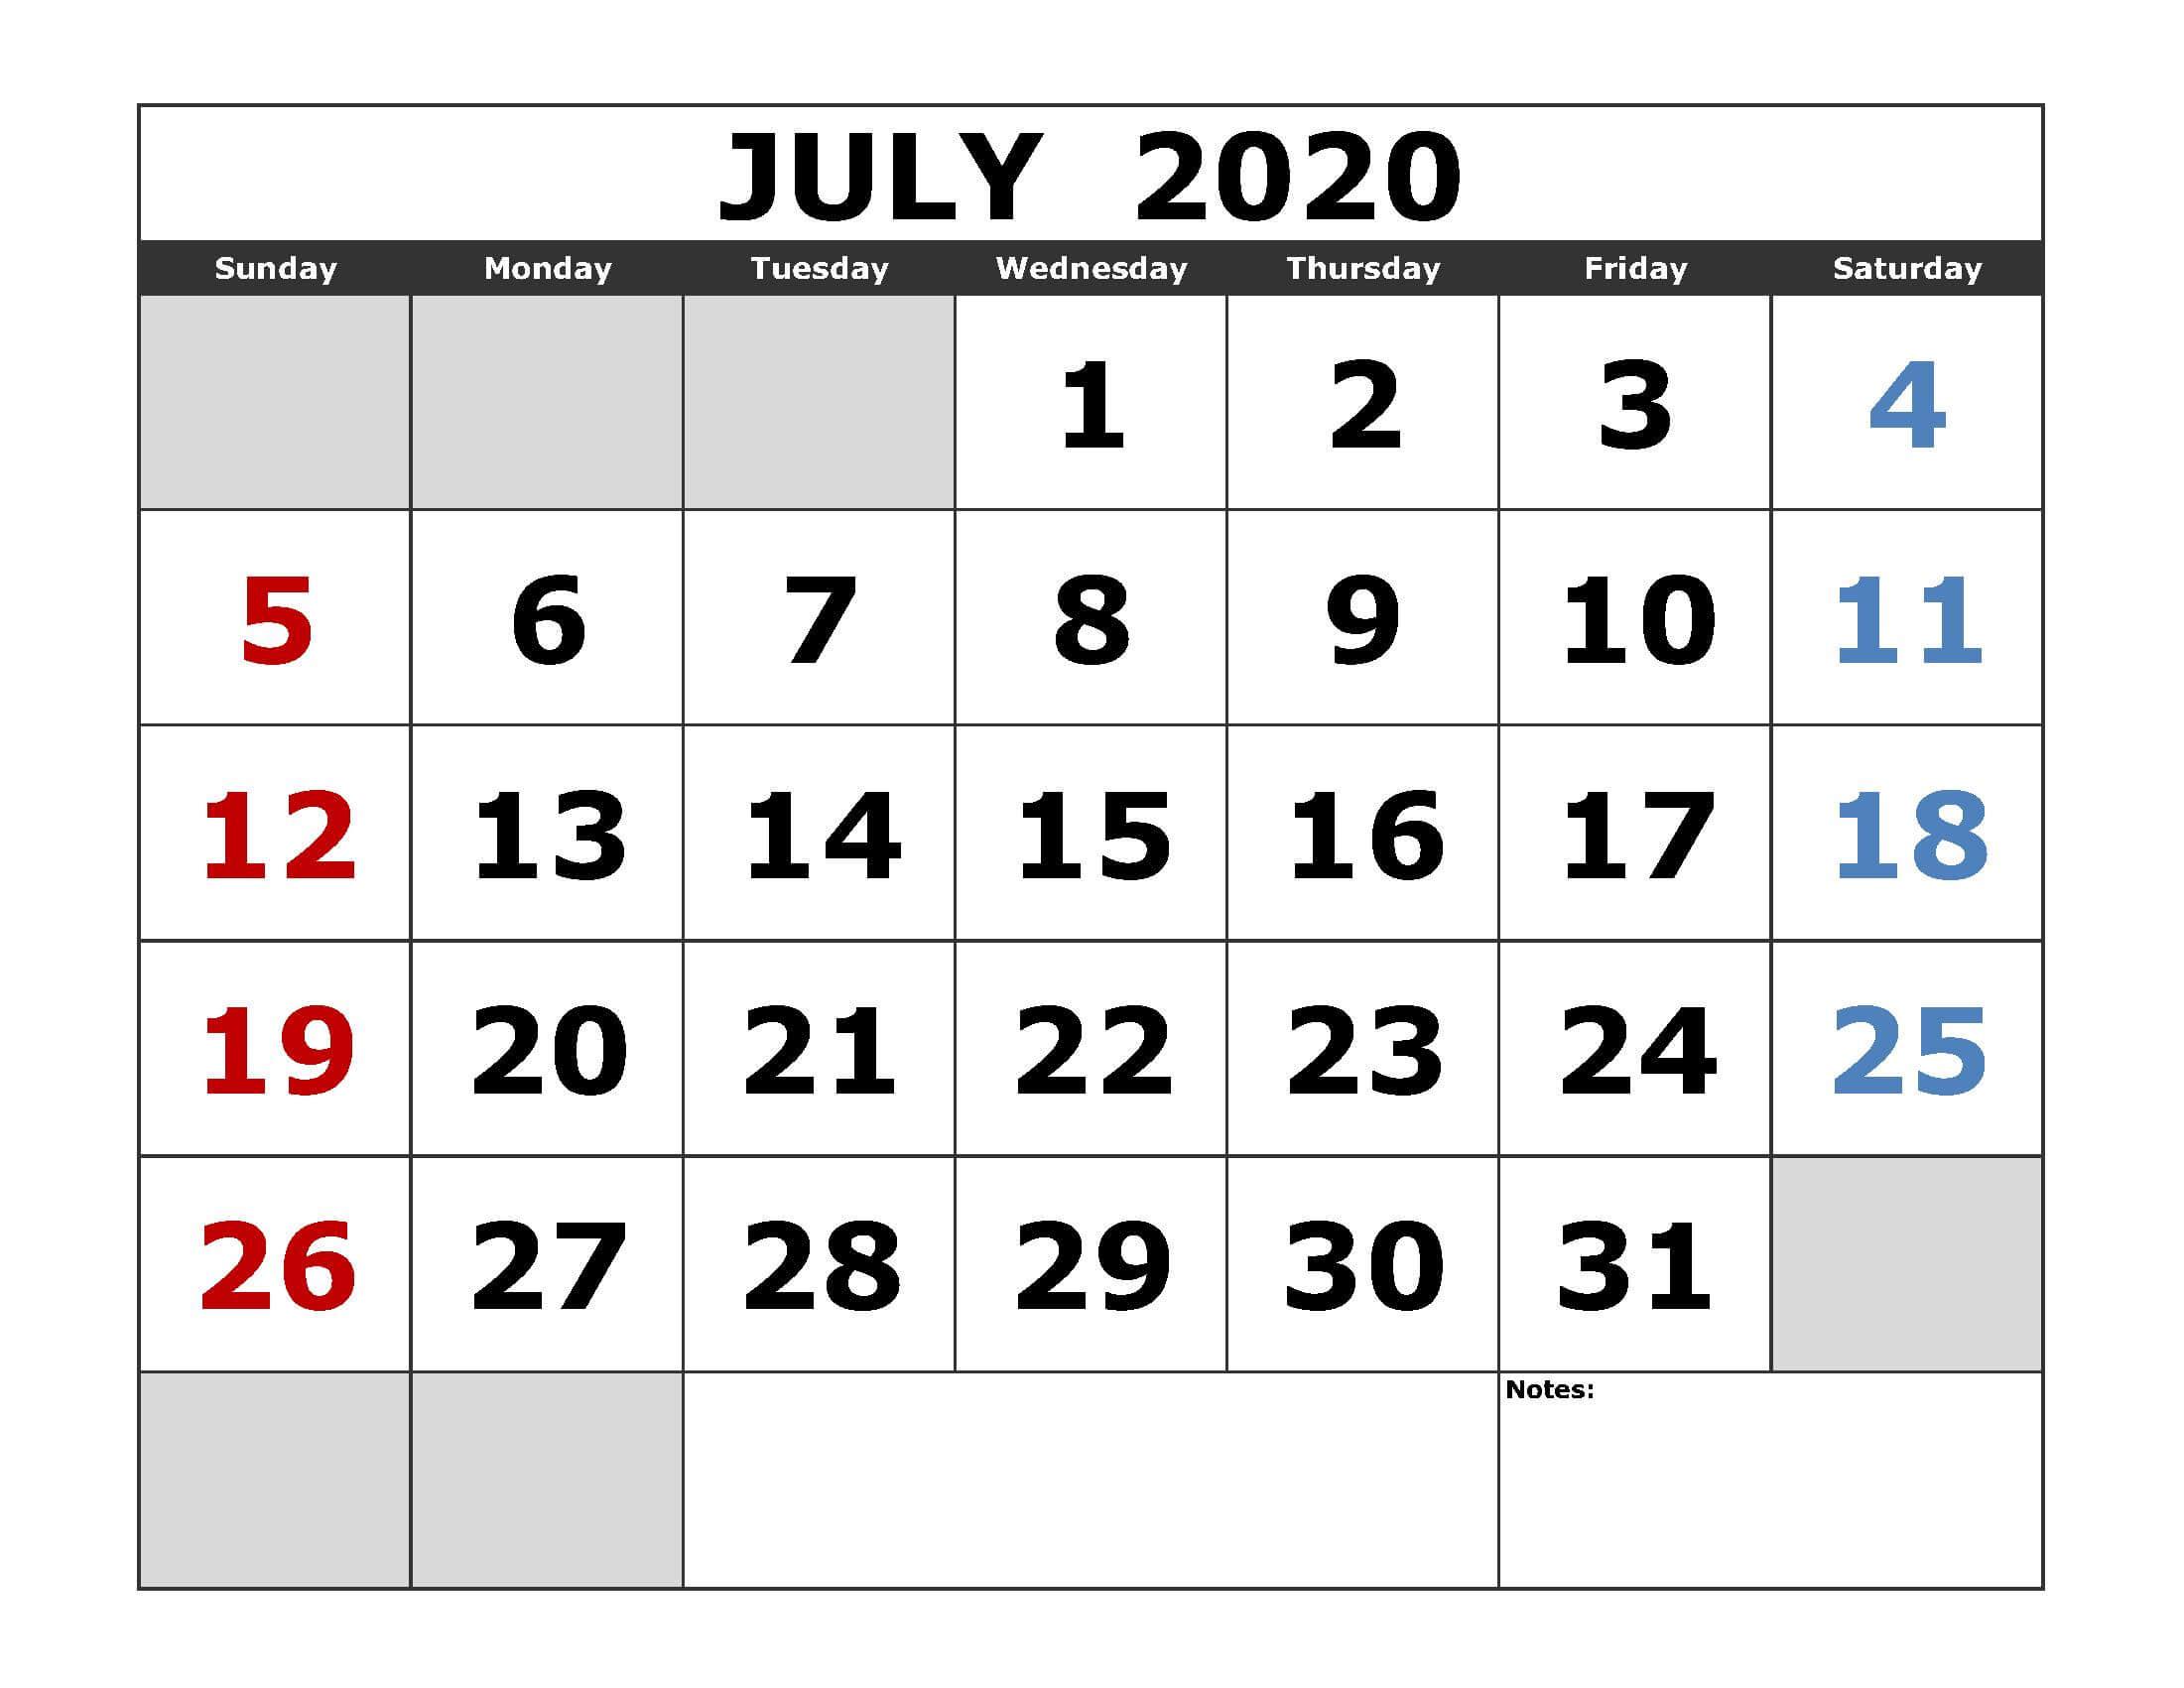 July 2020 Wallpaper Calendar